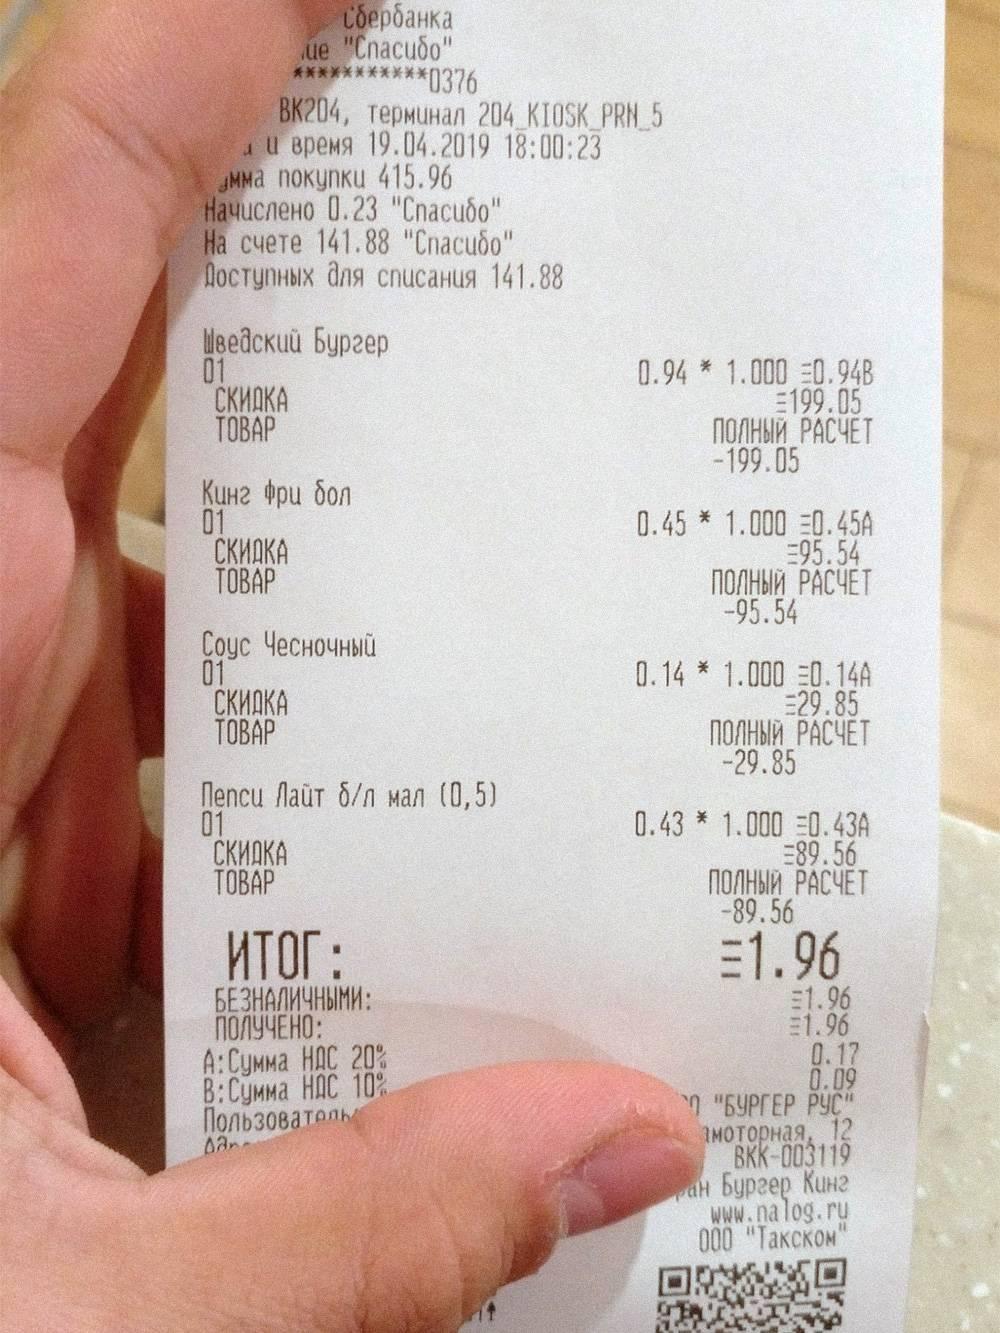 Иногда позволяю себе разгуляться как шальная императрица — поужинать в «Бургер-кинге» за бонусы «Спасибо»